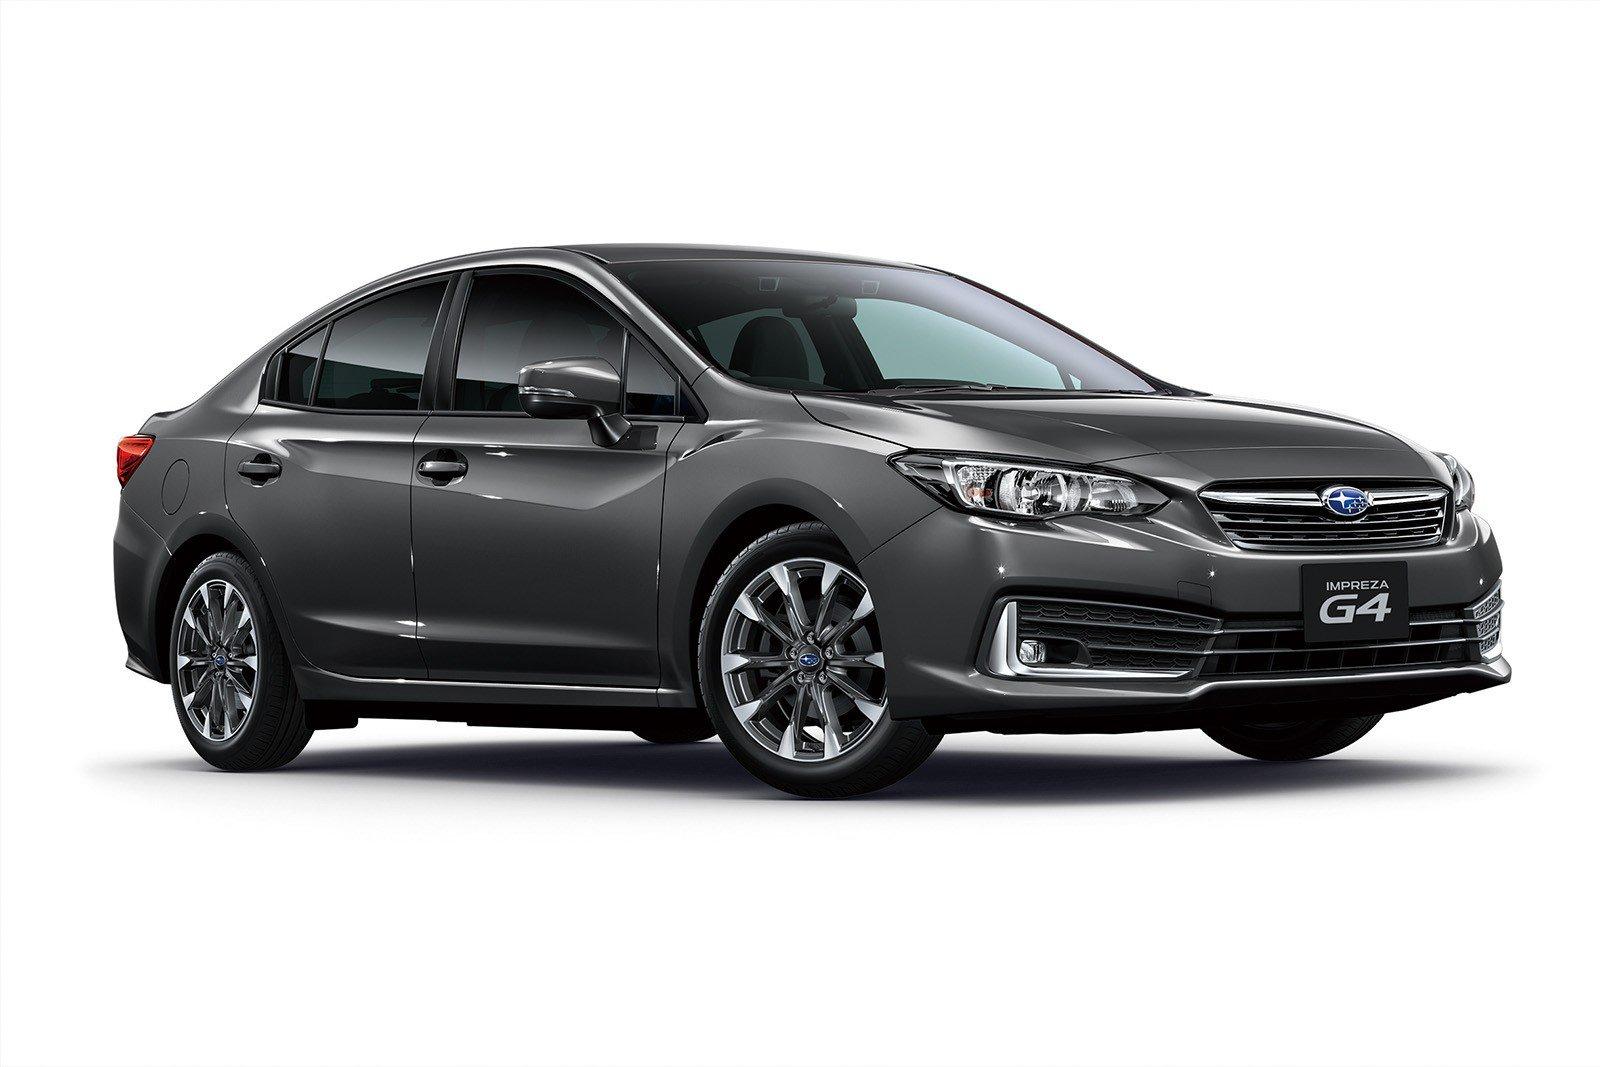 Subaru-Impreza-facelift-24